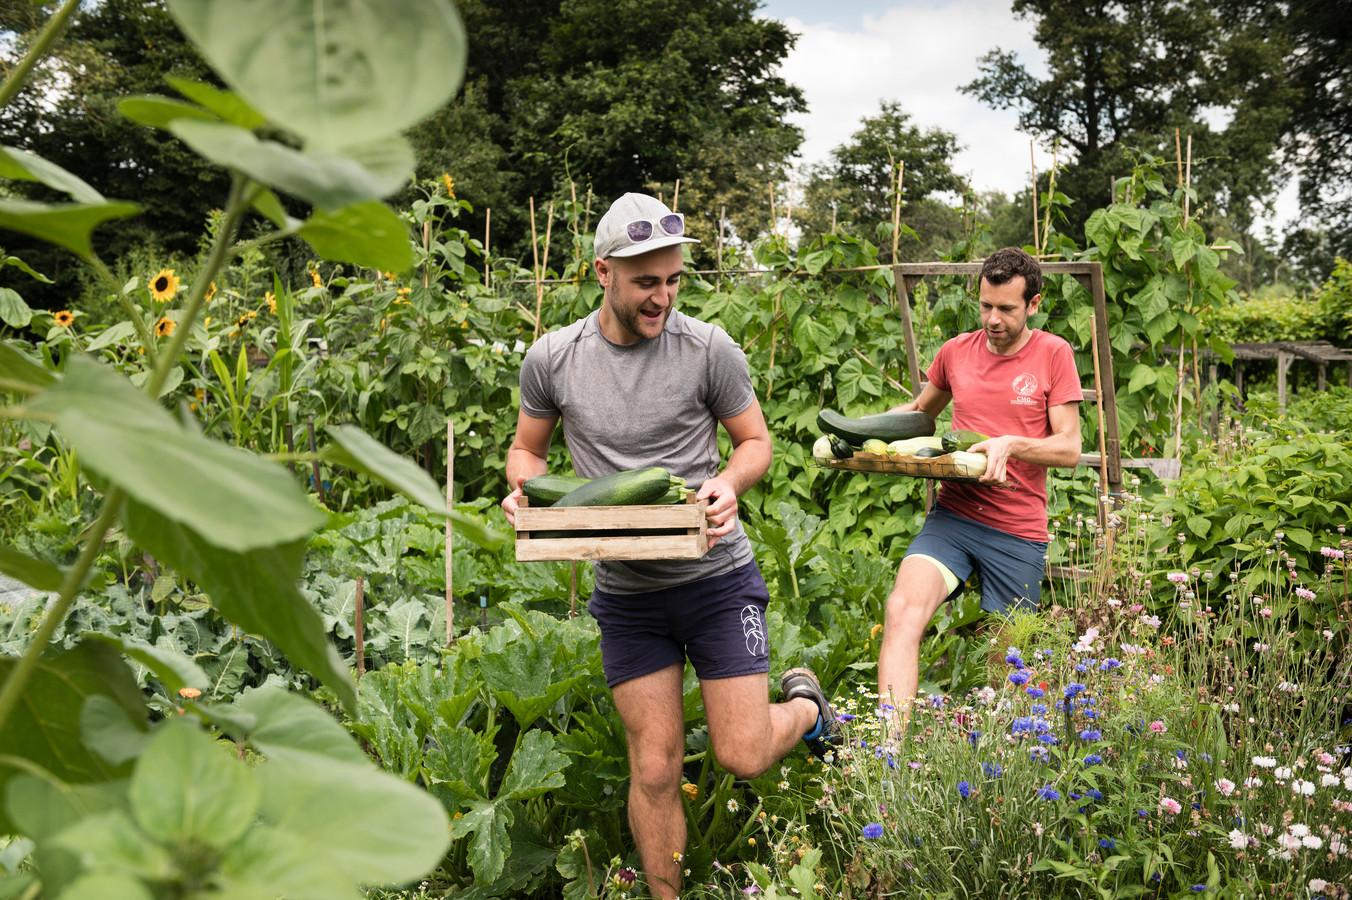 Erik Horstman (rood  shirt)  en Hunter Calder  (pet) hebben een prachtige oogst van allerlei groenten in hun moestuin.